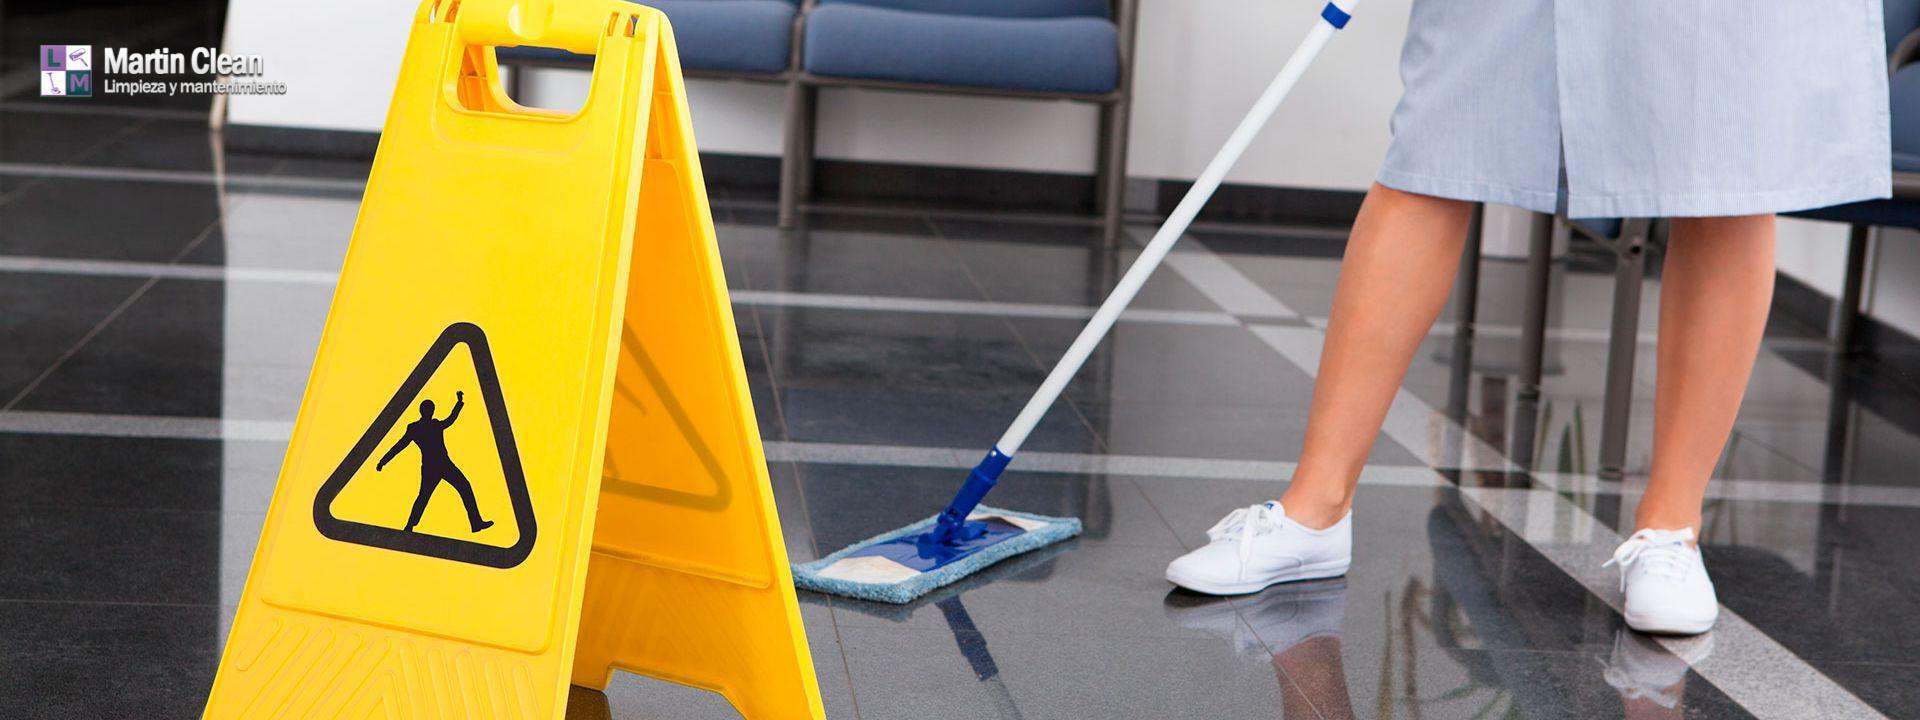 Limpieza de oficinas en Málaga Martin Clean